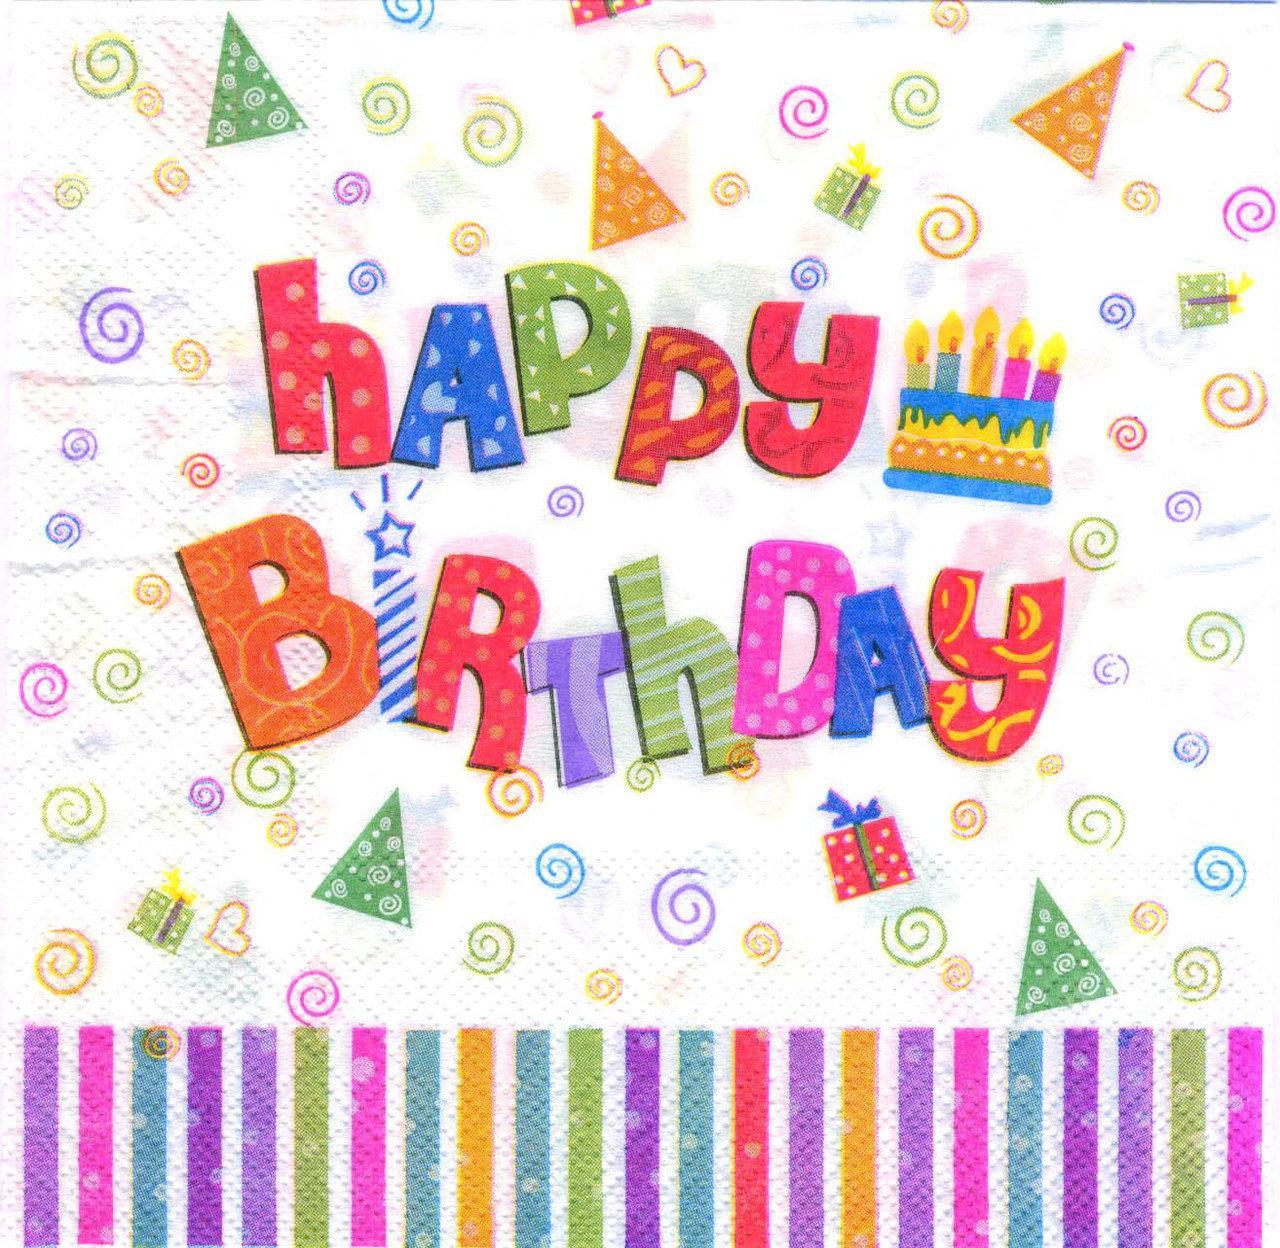 Салфетки Happy birthday полоска 15 шт для дня рождения  бумажные двухслойные детские